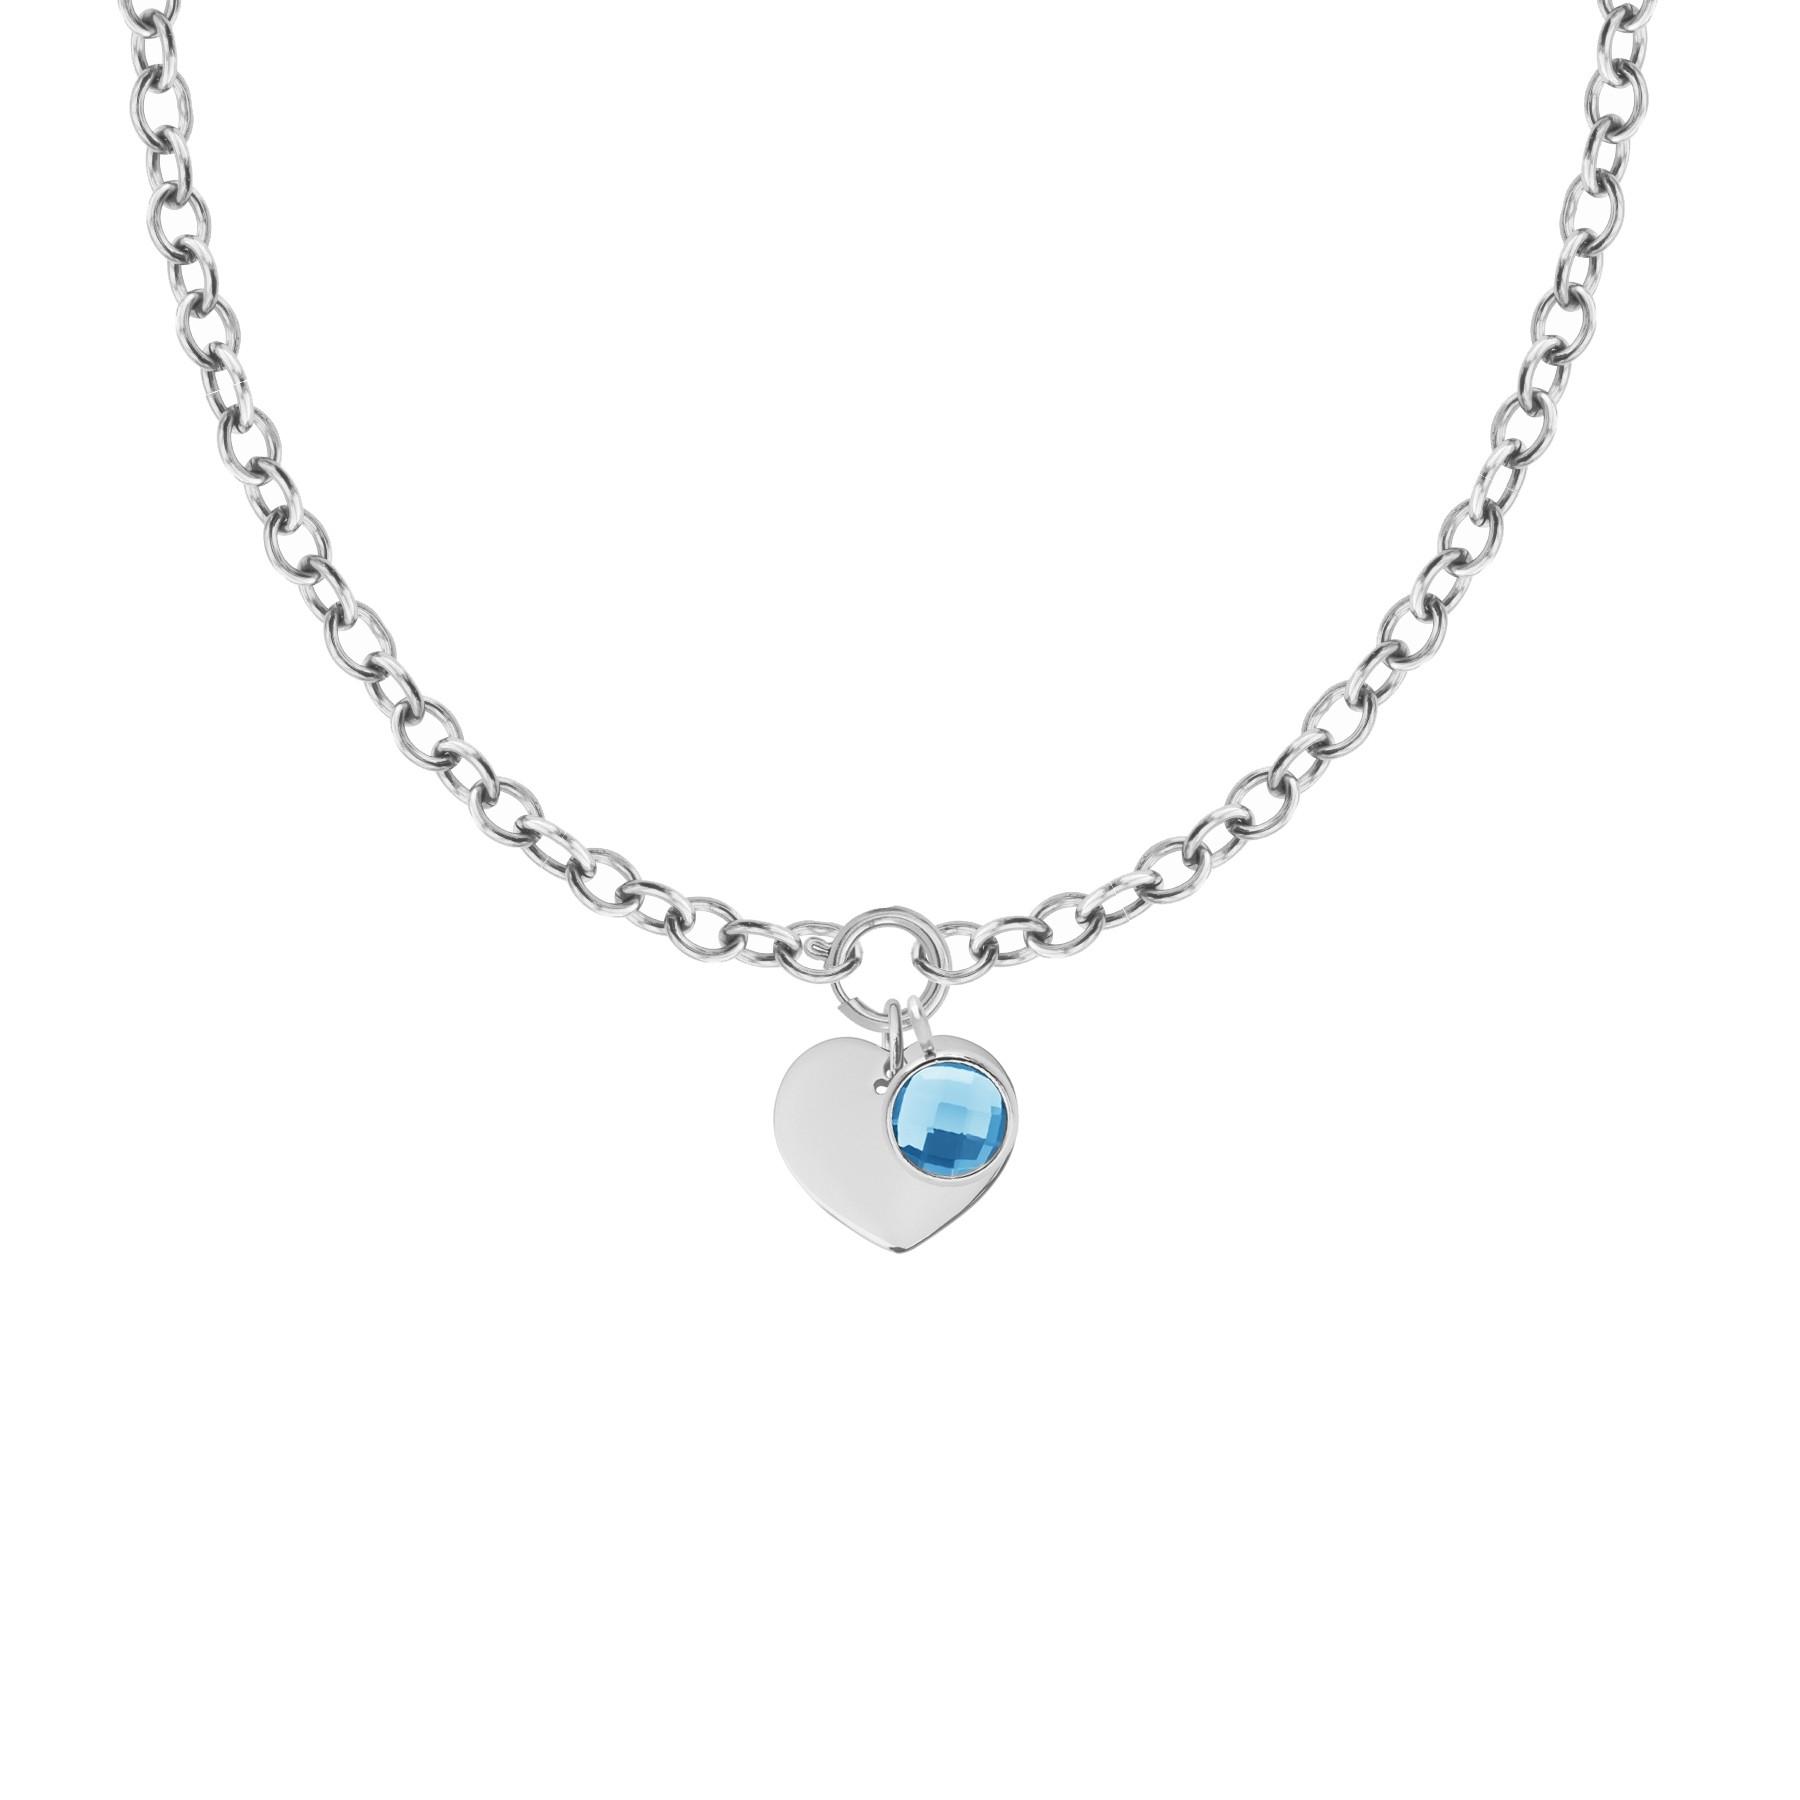 Collier Chaîne No.1 avec coeur et pendentif quartz bleu, plaqué argent